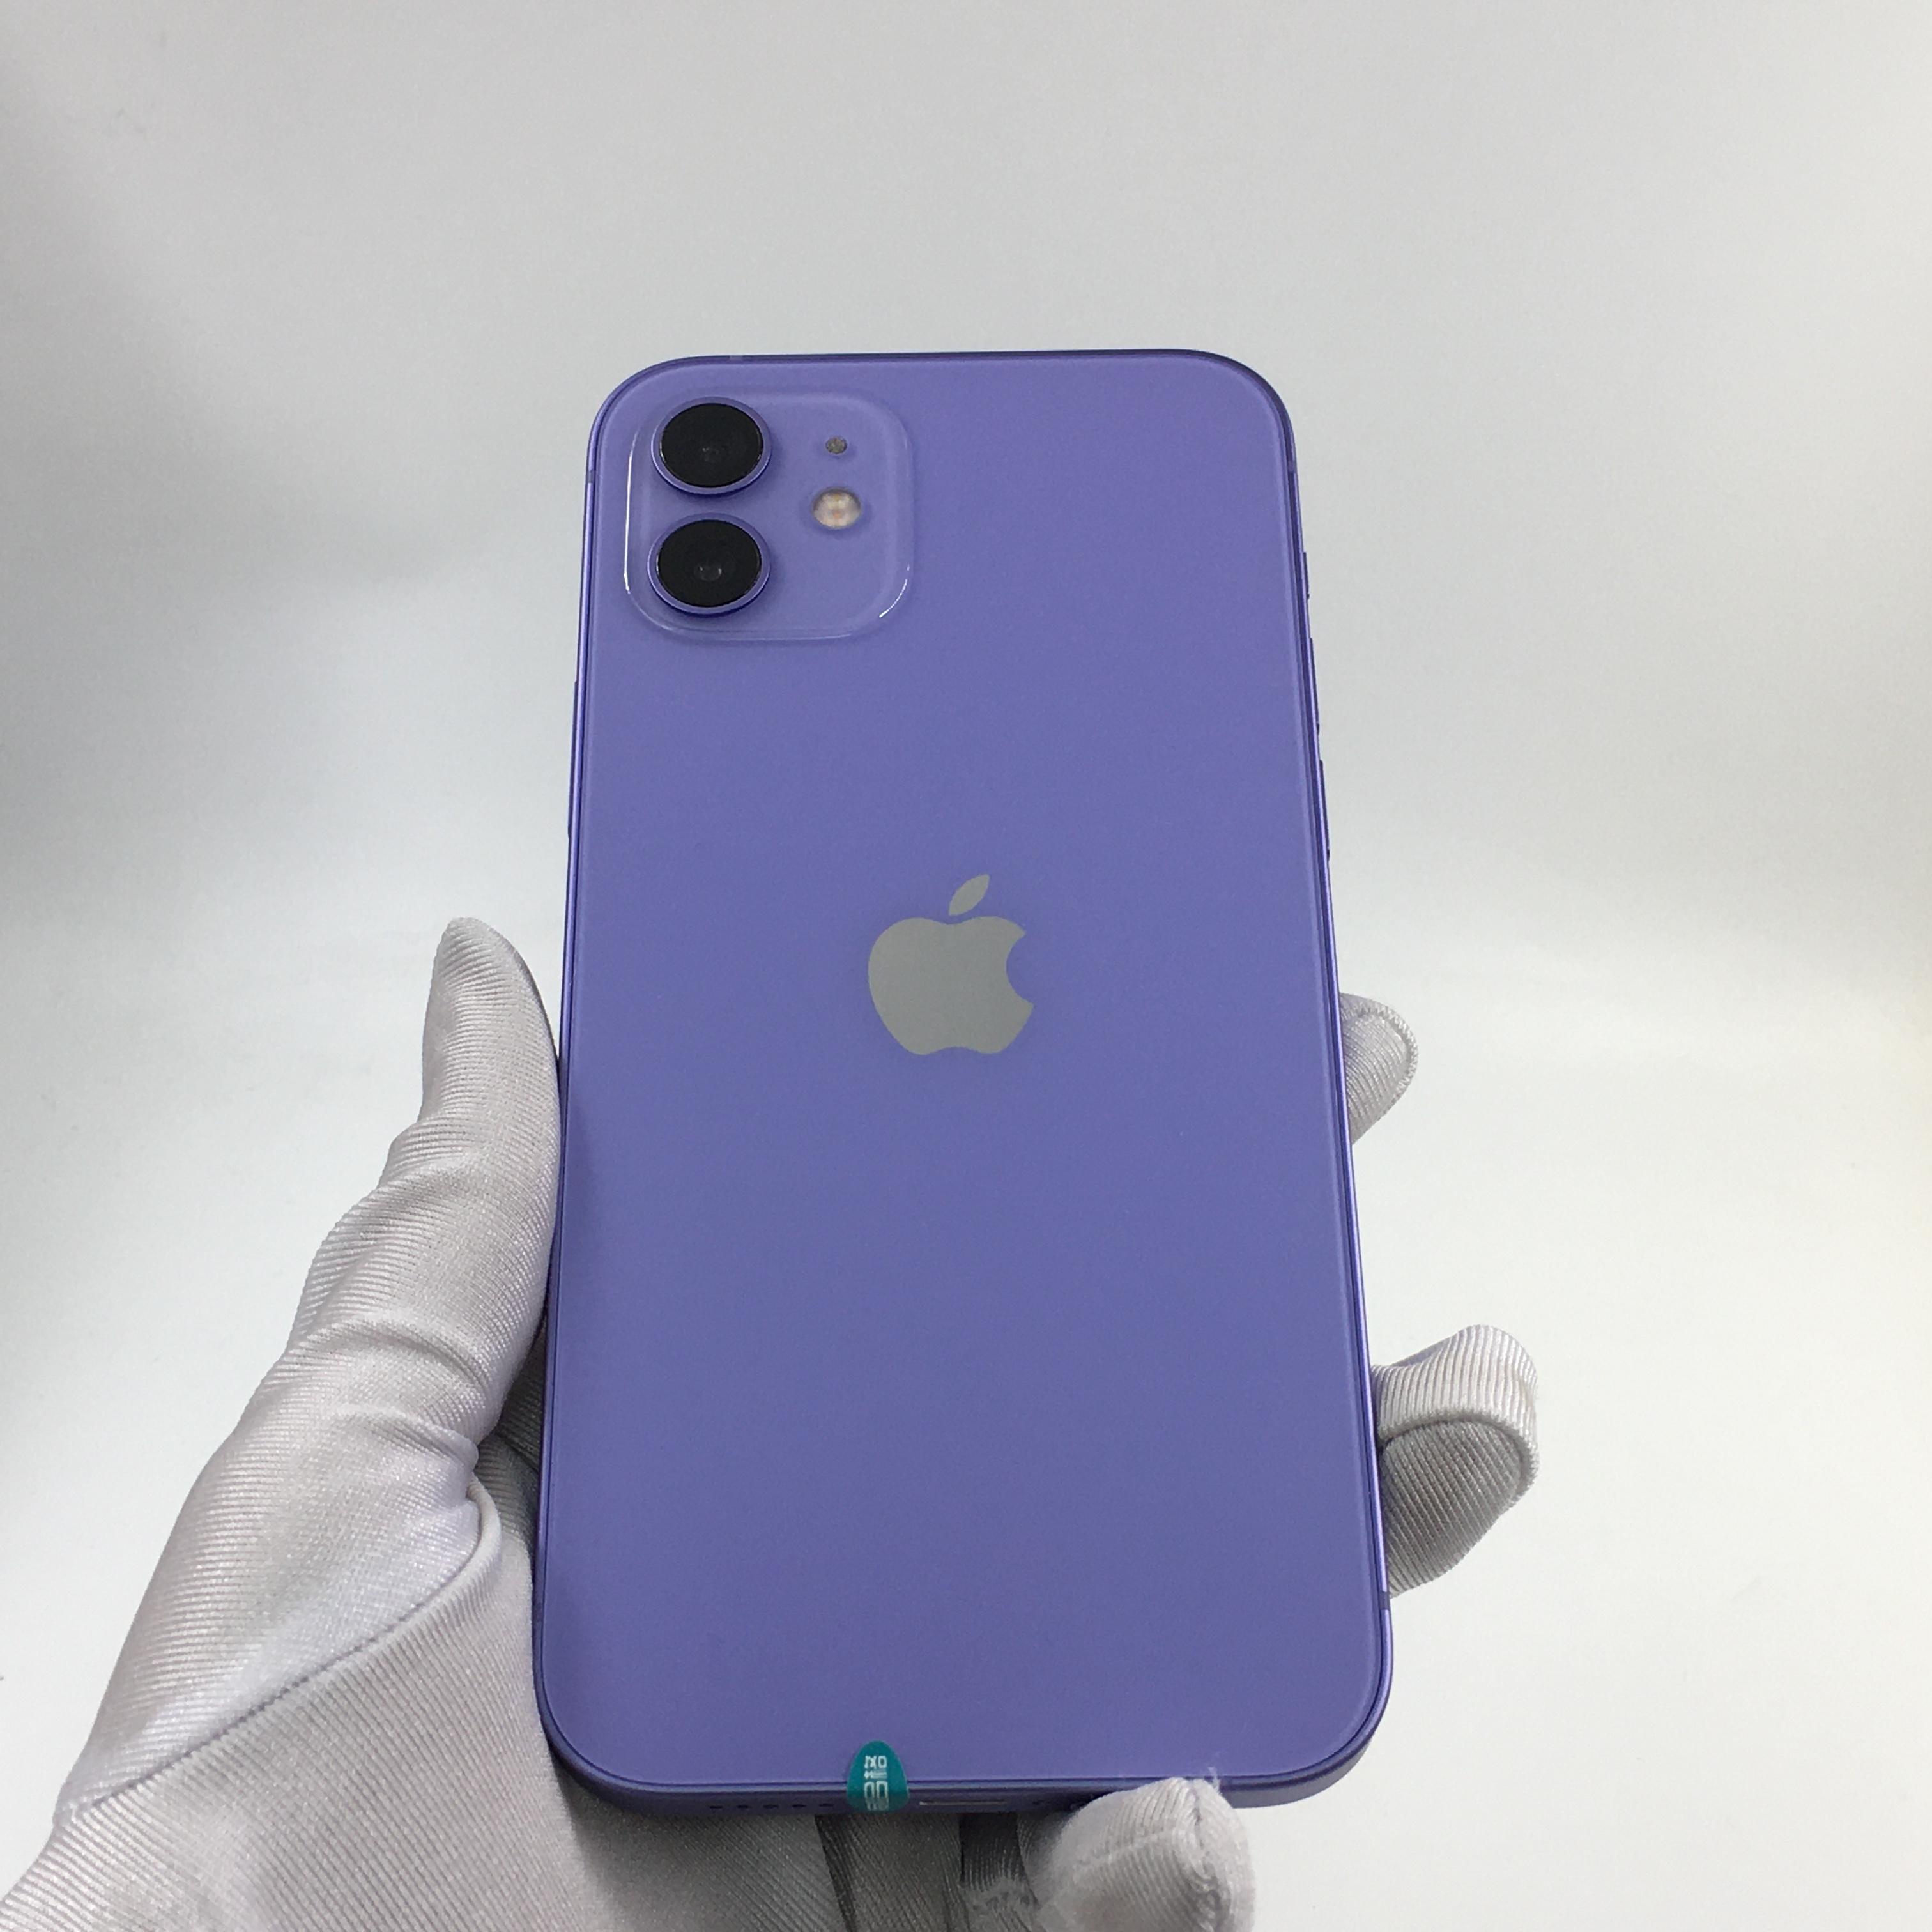 苹果【iPhone 12】5G全网通 紫色 128G 国行 9成新 128G真机实拍